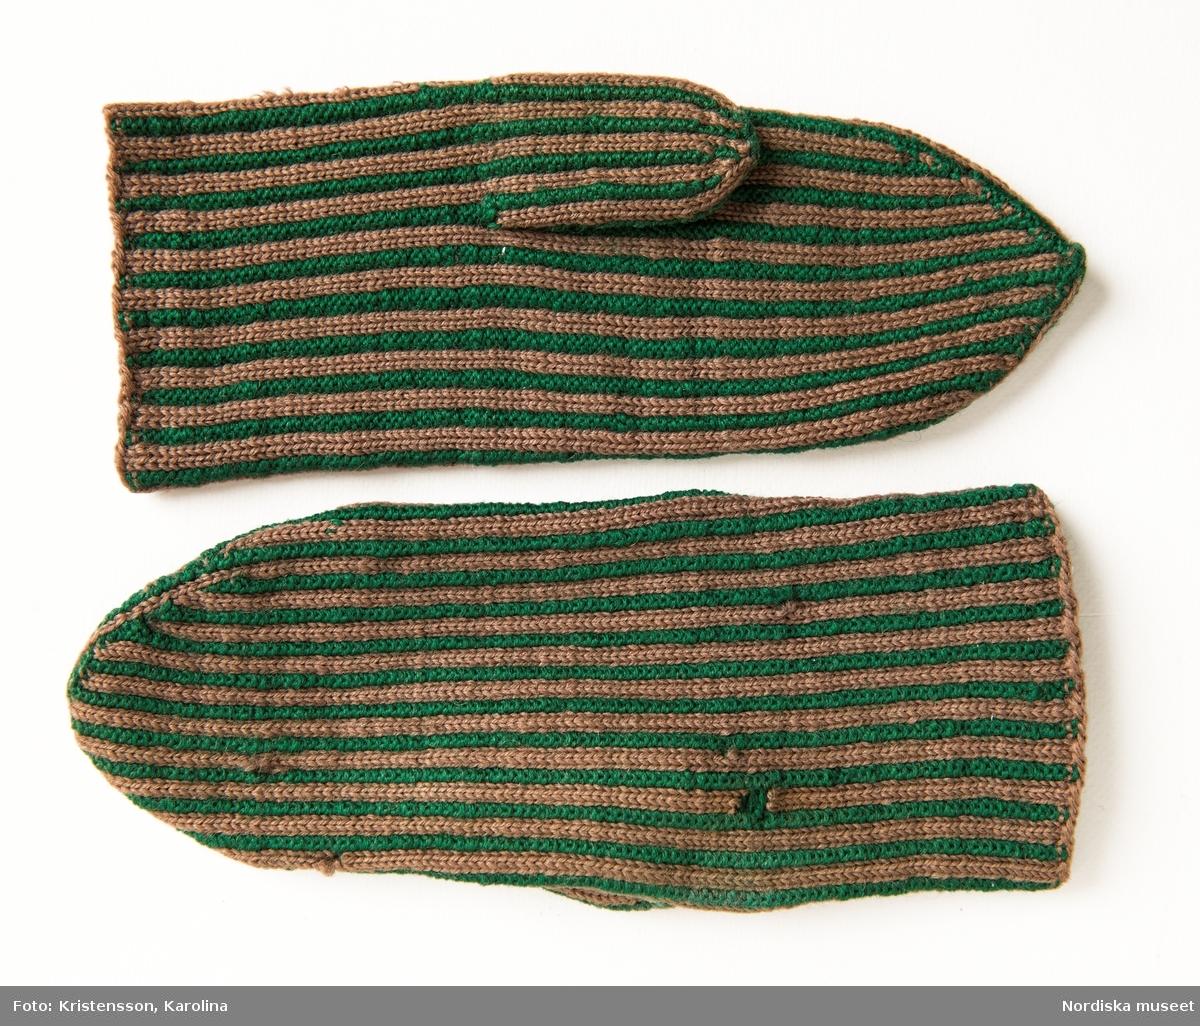 """Ett par kvinnovantar stickade av ullgarn, smalrandiga i grönt och ljusbrunt. De ljusbruna ränderna består av 2 maskor slätstickning och de gröna av 2 aviga  maskor,  där de 2 färgerna  hela tiden följer med  och flotterar på avigsidan. Det ger en stum yta utan elasticitet.  Anm Den högra vanten mer sliten med flera stoppningar med det gröna garnet. Har tillhört Augusta Davidsson, """"Snögges Augusta"""" f. 1868 i Habo död 1950 på ålderdomshemmet. Hon hade bott hela sitt liv i föräldrahemmet ett soldattorp under Vagnhult i Habo. hennes far var soldat liksom brodern Efraim. Först vårdade hon modern i hemmet, senare hushållade hon åt den ogifte brodern Efraim. Sen gick hon på """"hjälpe"""" hos bönderna i bygden. Foto av stugan skall finnas i museet. Kläderna som museet mottagit är de som hon hade med sig till ålderdomshemmet. /Berit Eldvik 2013-03-11"""